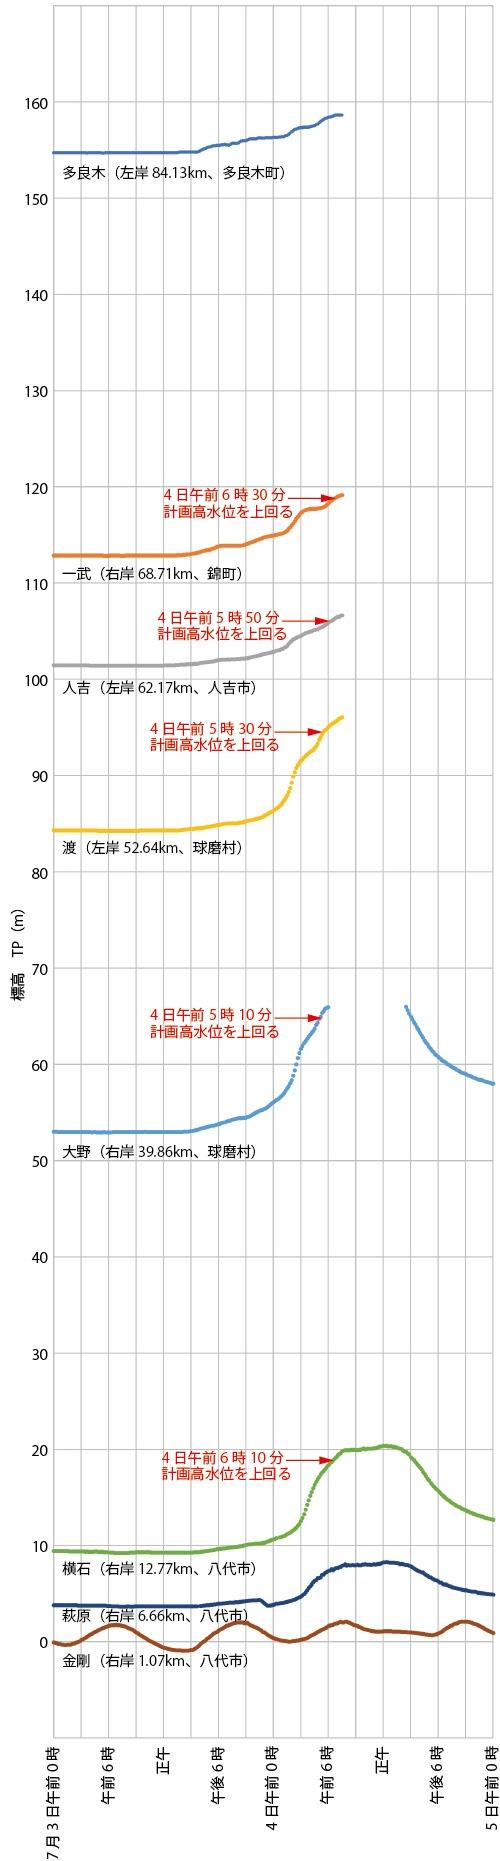 国土交通省が球磨川に設置した水位計のデータを基に日経クロステックが作成。縦軸は各水位計の零点高に水位観測データを足した値で標高を表す。データがない部分は欠測を示す